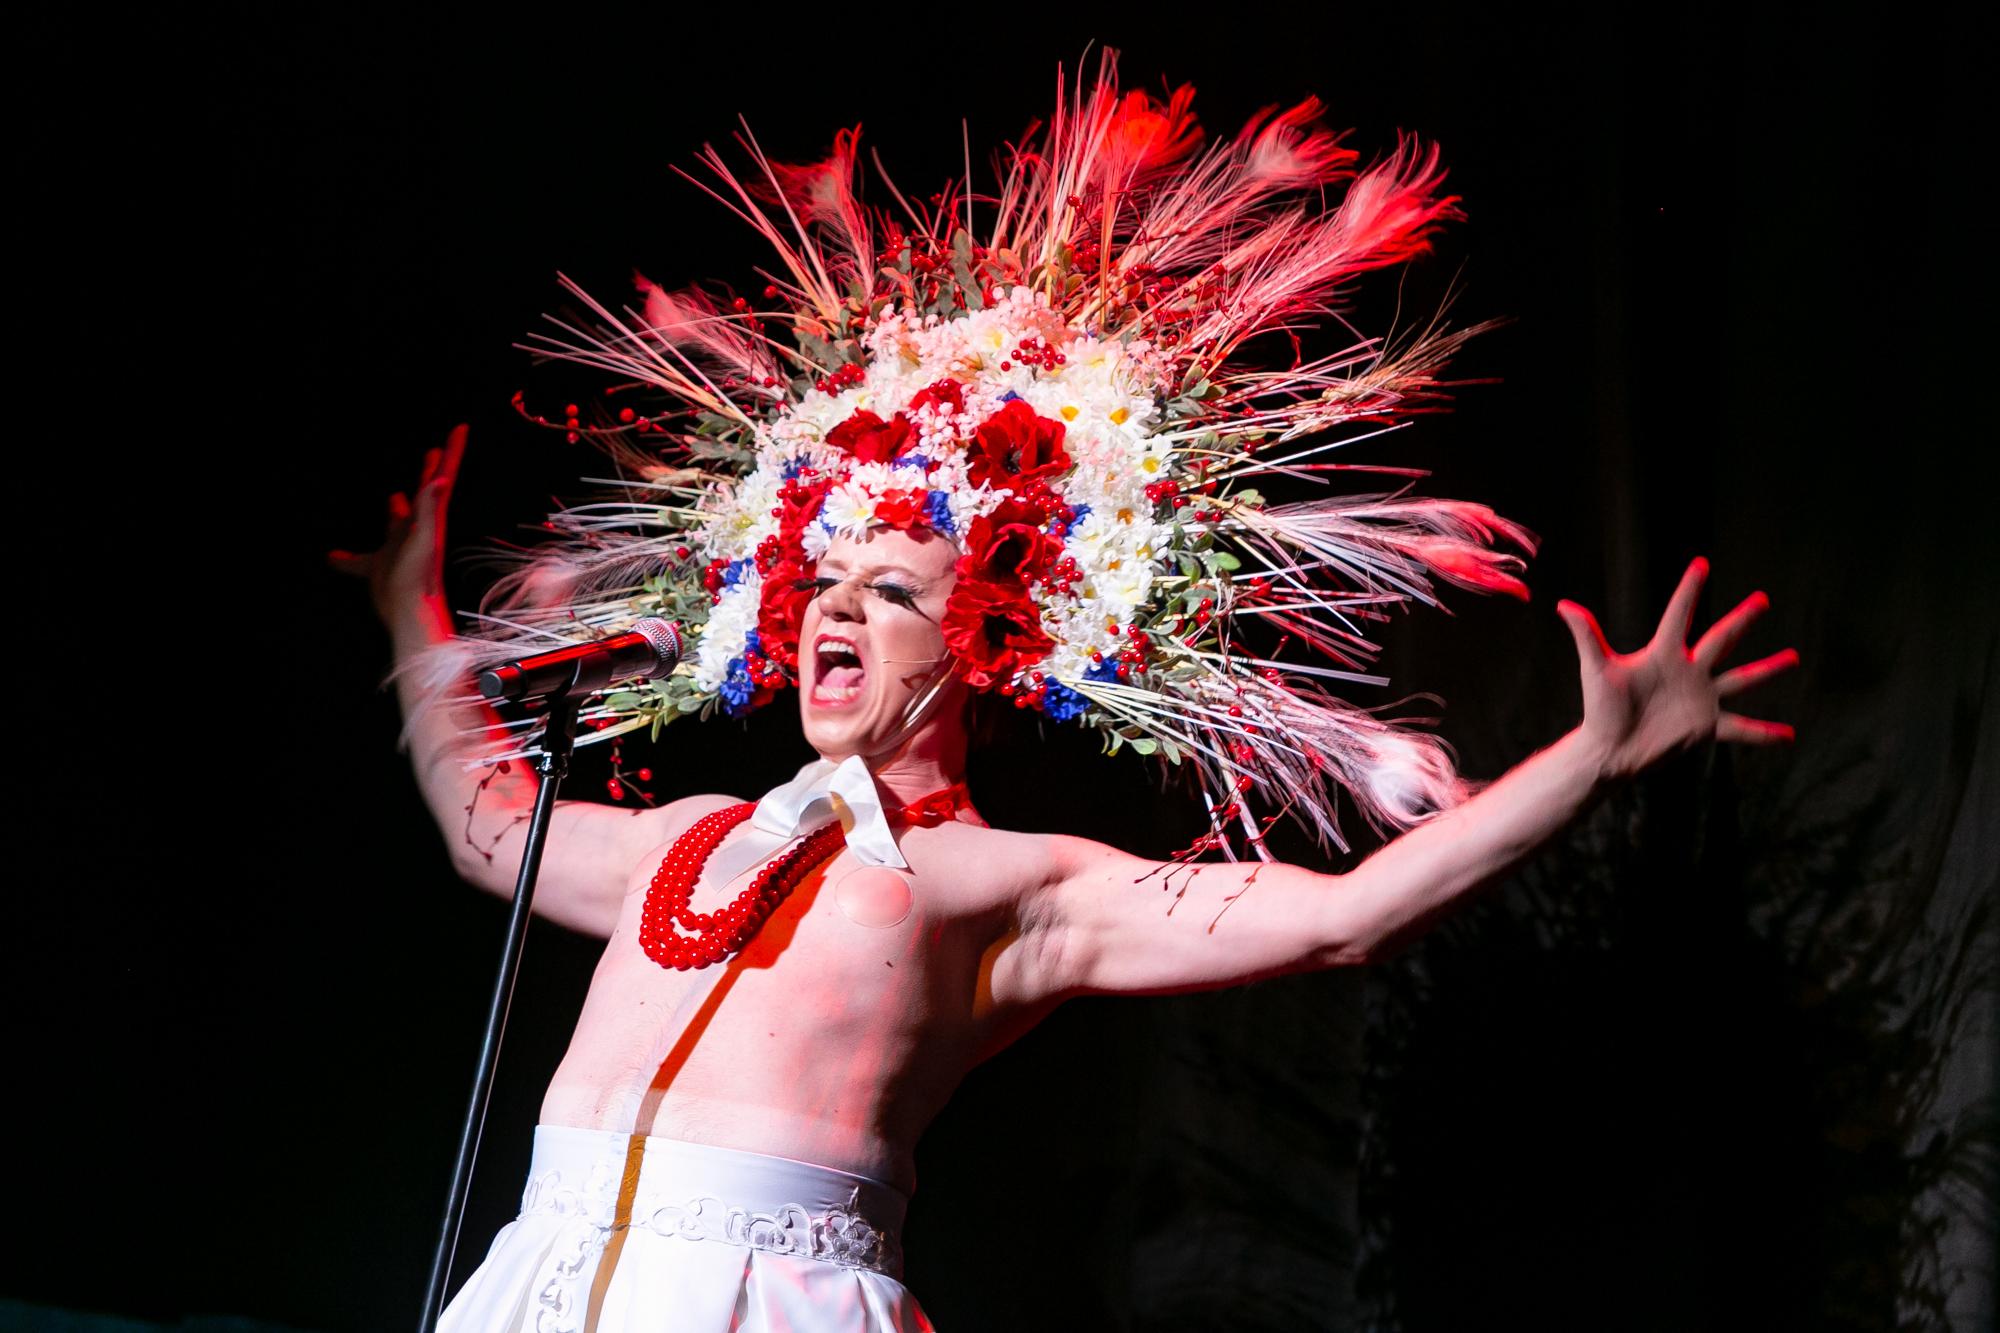 Na tle czarnej, fałdowanej kurtyny stoi przed mikrofonem Karol Polski (Karolina) - mężczyzna-drag queen. Na głowie ma ogromny wieniec z kłosów zbóż, pawich piór, sztucznych maków, chabrów, rumianku i jarzębiny, mocny makijaż z długimi sztucznymi rzęsami, na szyi kilka sznurów czerwonych korali. Jest nagi do pasa. Wznosi szeroko rozłożone ręce na wysokość głowy.